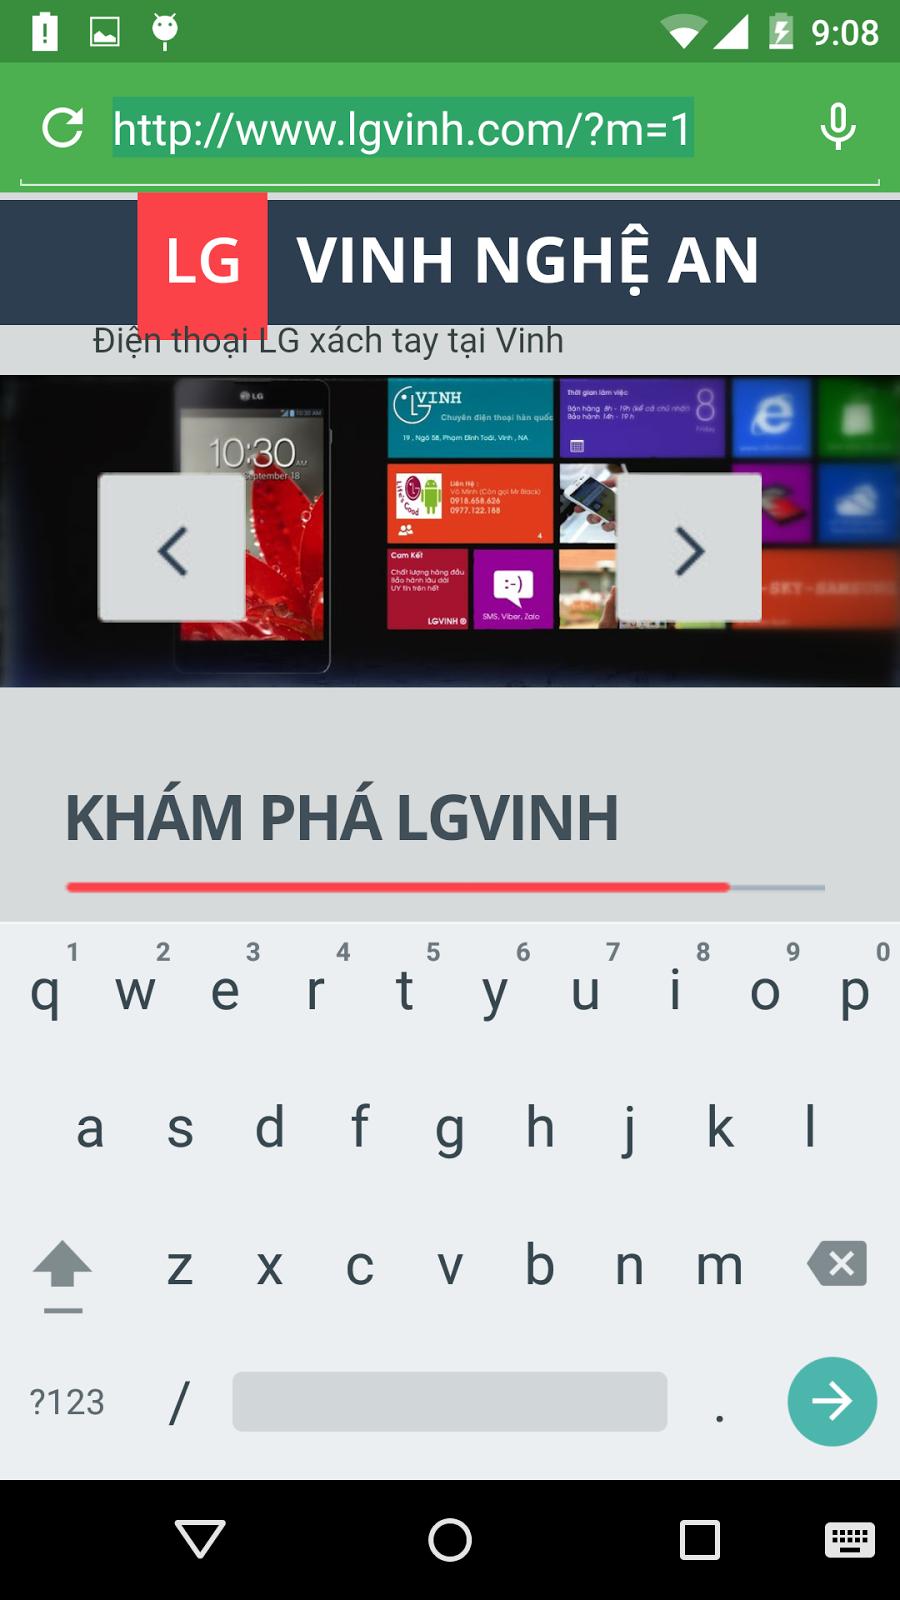 lgvinh.com